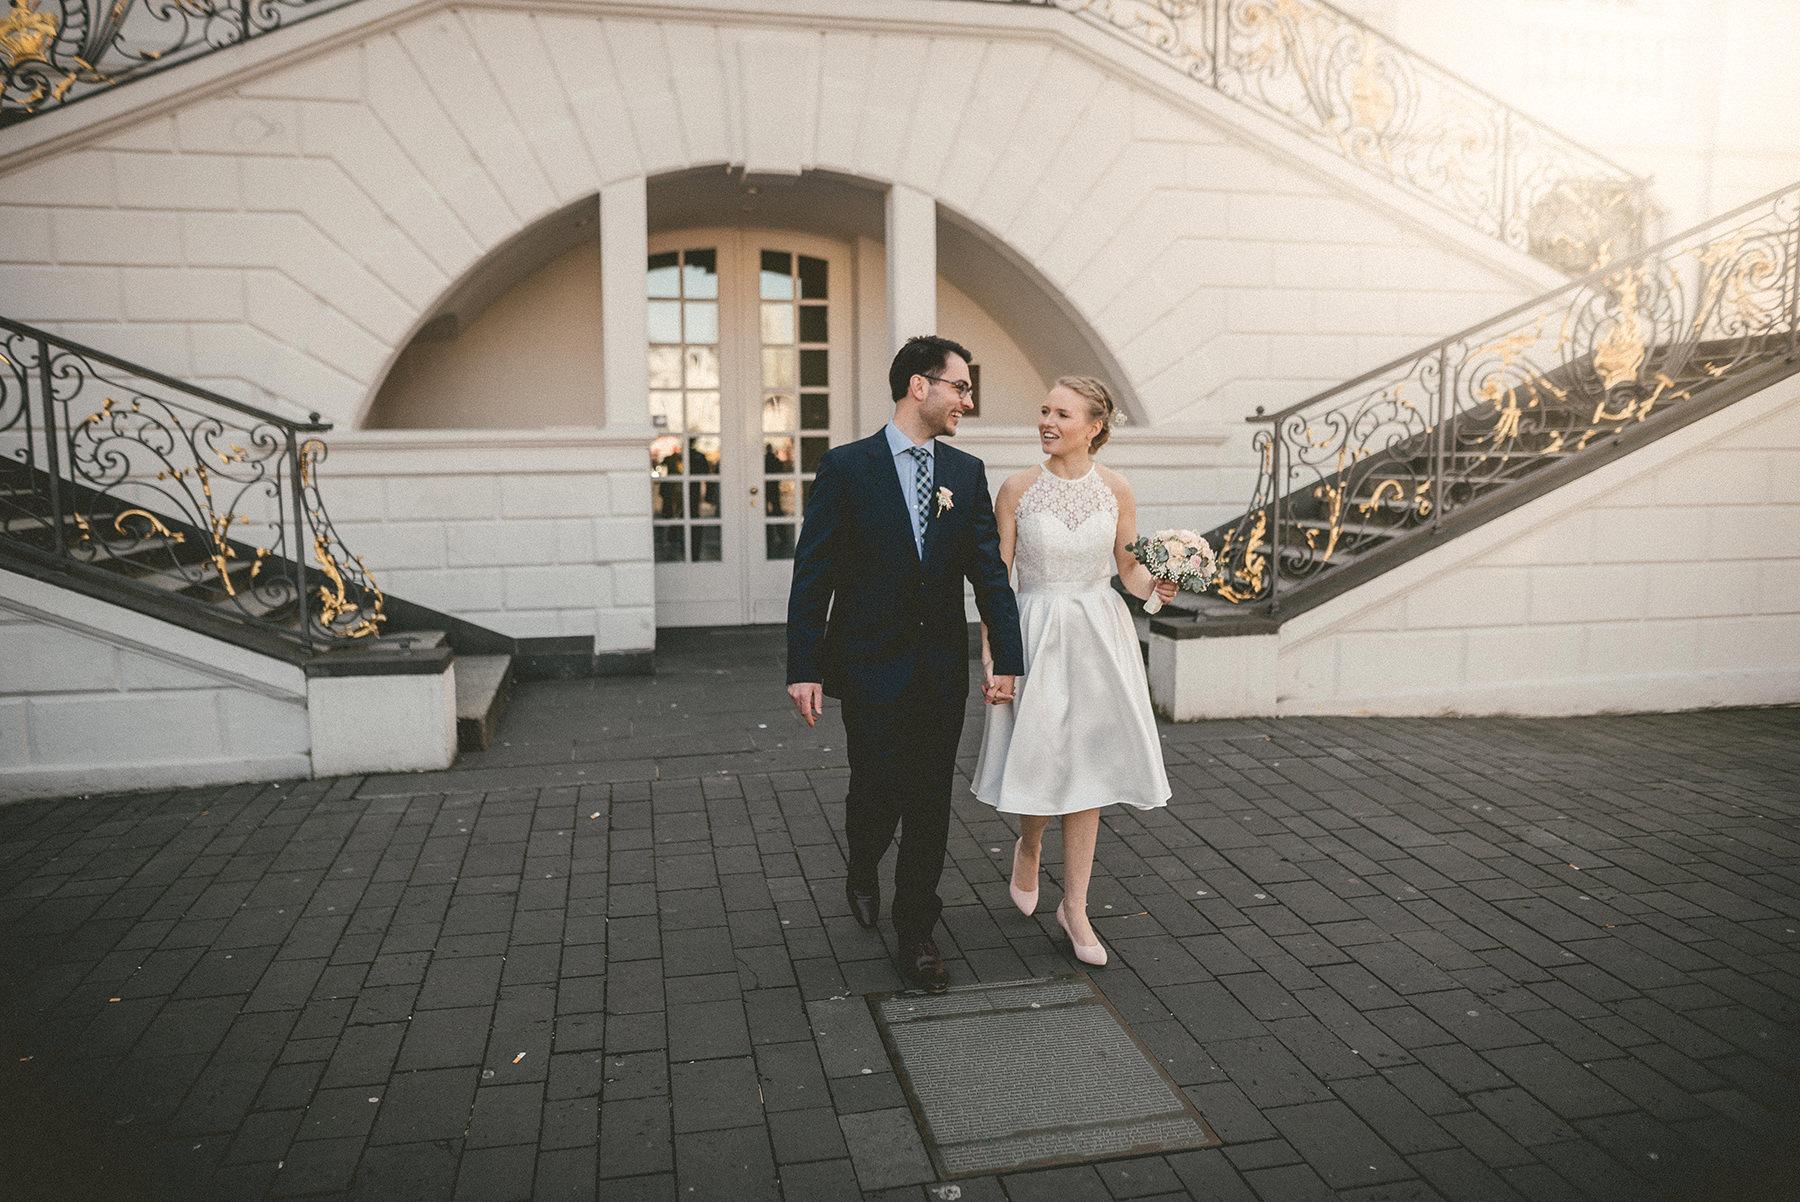 Hochzeit-Bonn-Kirschblüte-Sonja-Oliver-Dreamcatcher-Photography-Hochzeitsfotografie (12)